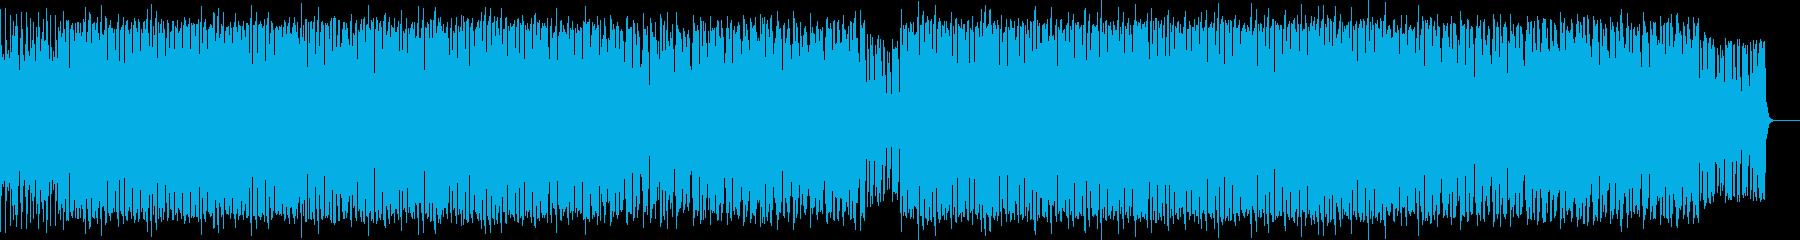 緊迫感、高揚感のあるBGMの再生済みの波形